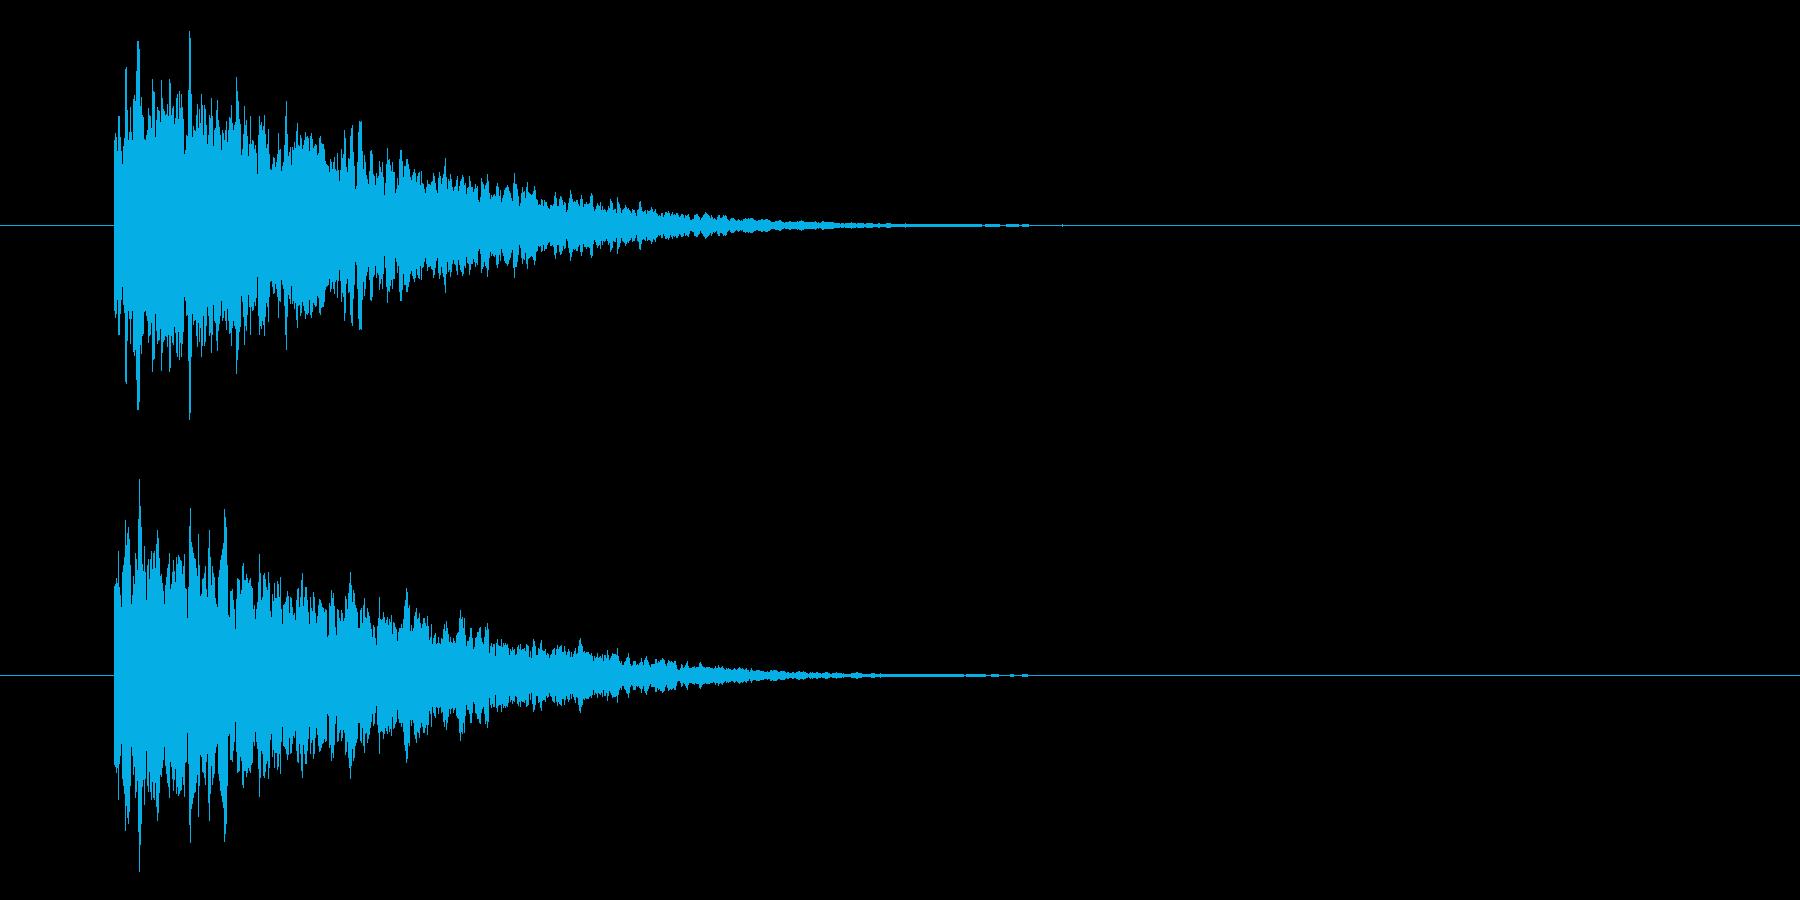 シャーン、テロップ音、文字。の再生済みの波形